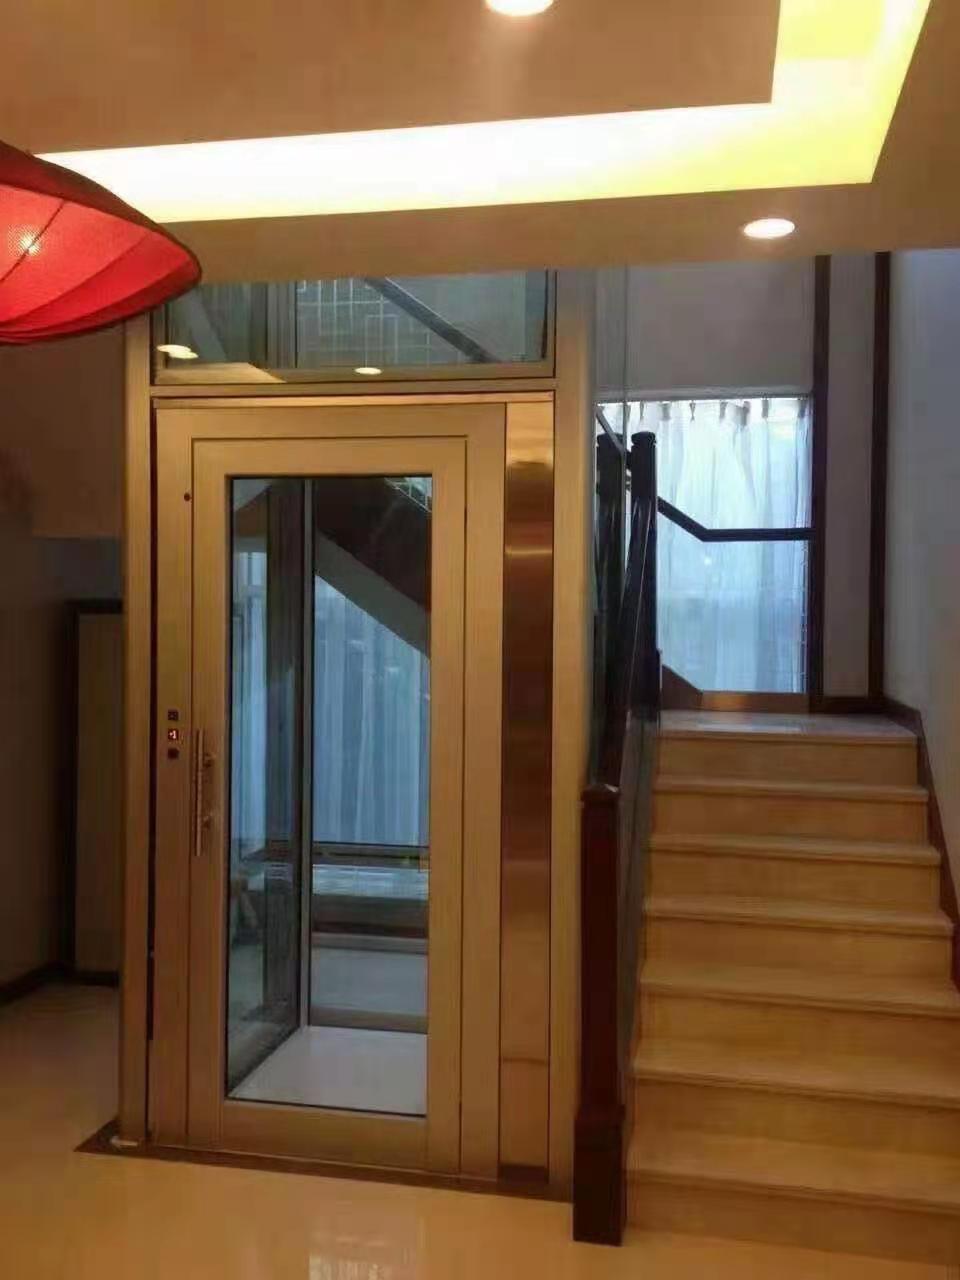 安装家用电梯需要注意什么 进来看看就知道了